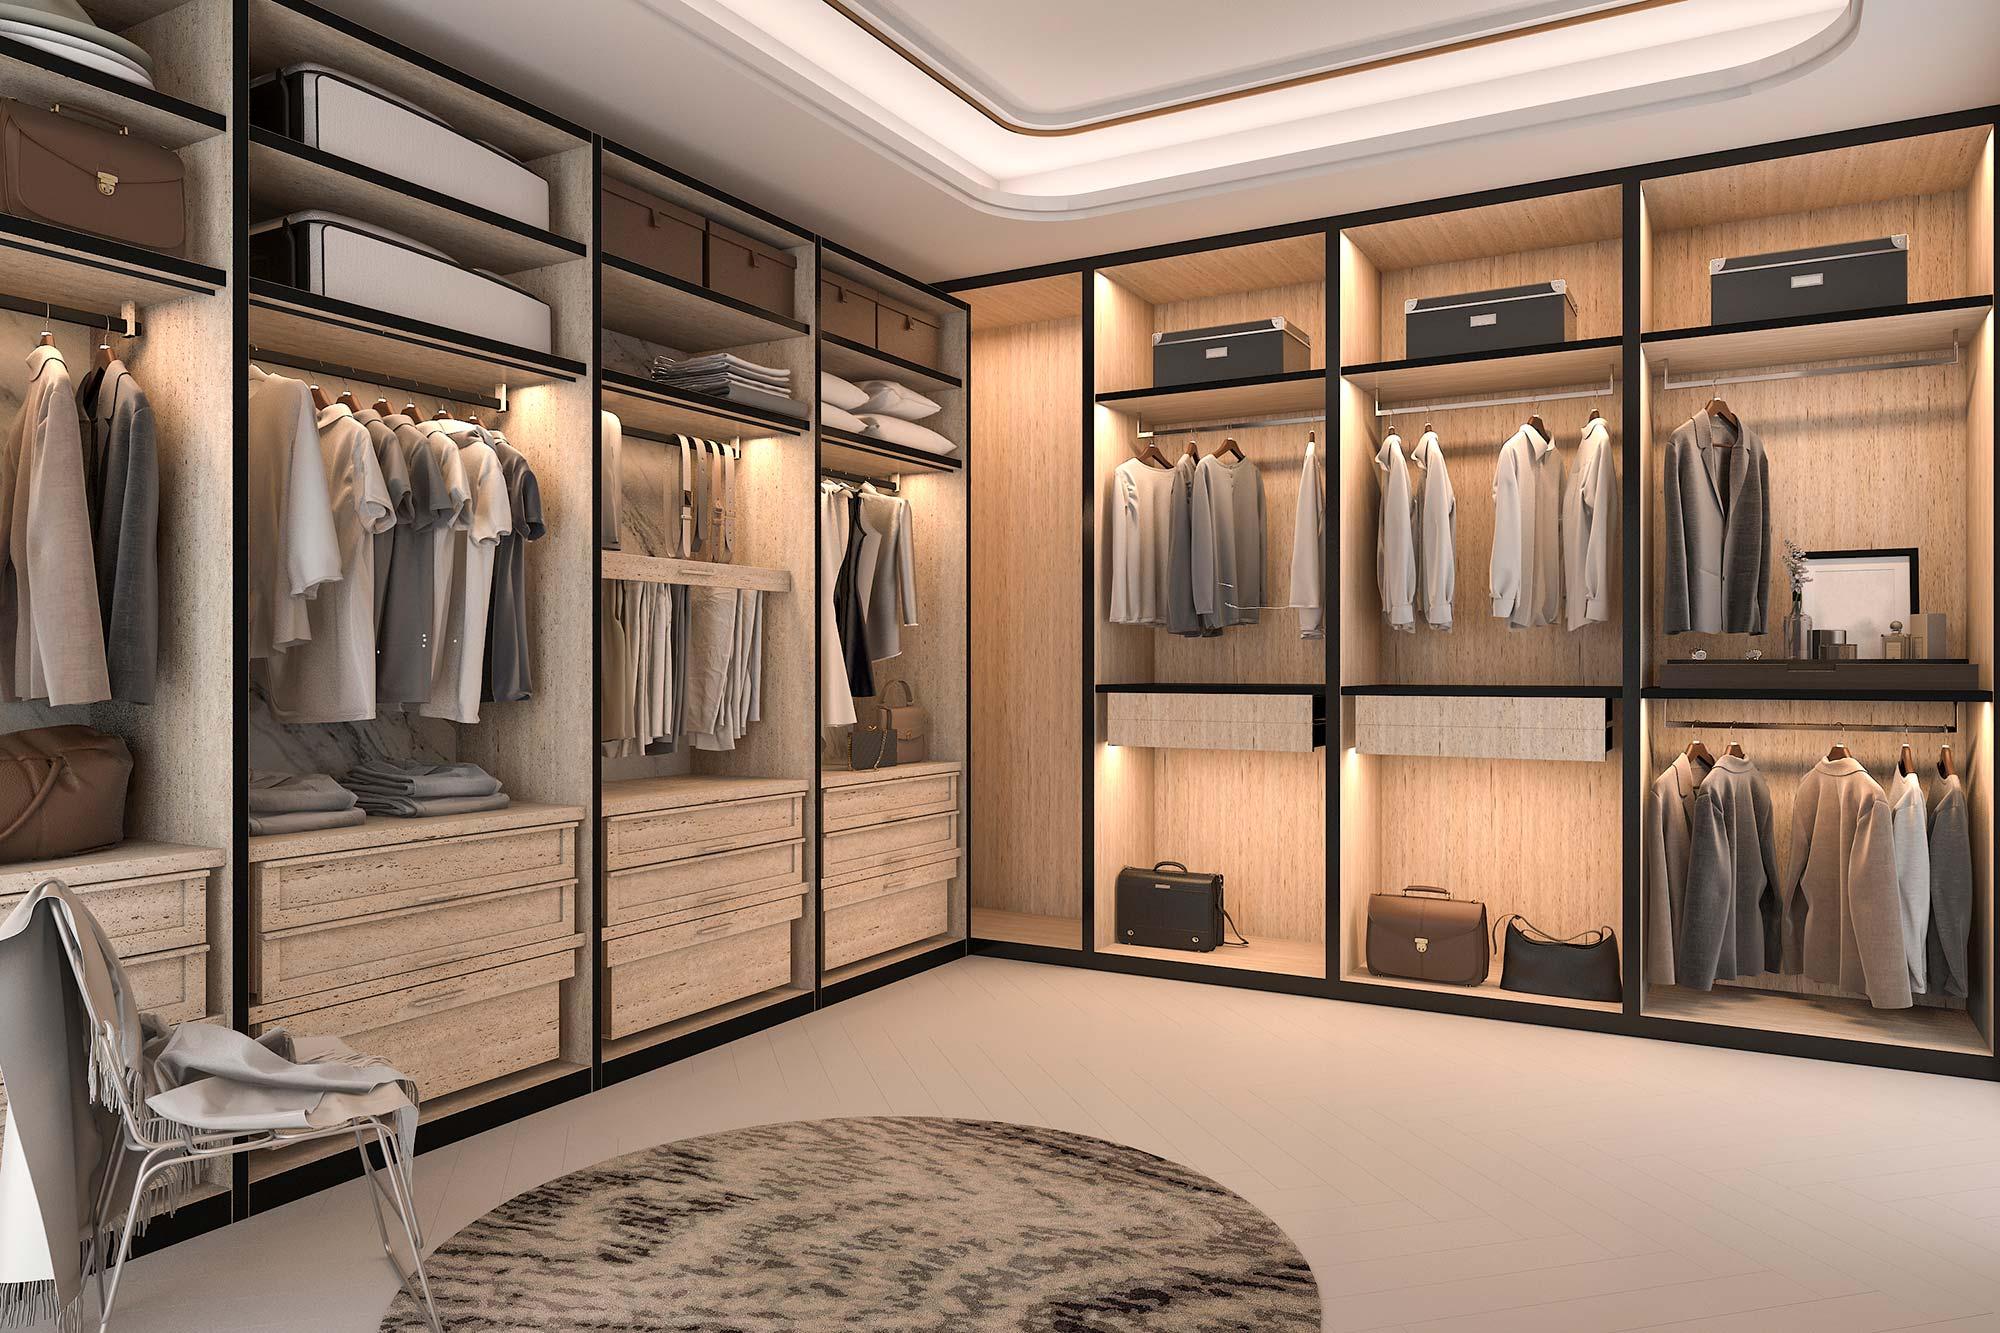 Qué es un walk in closet